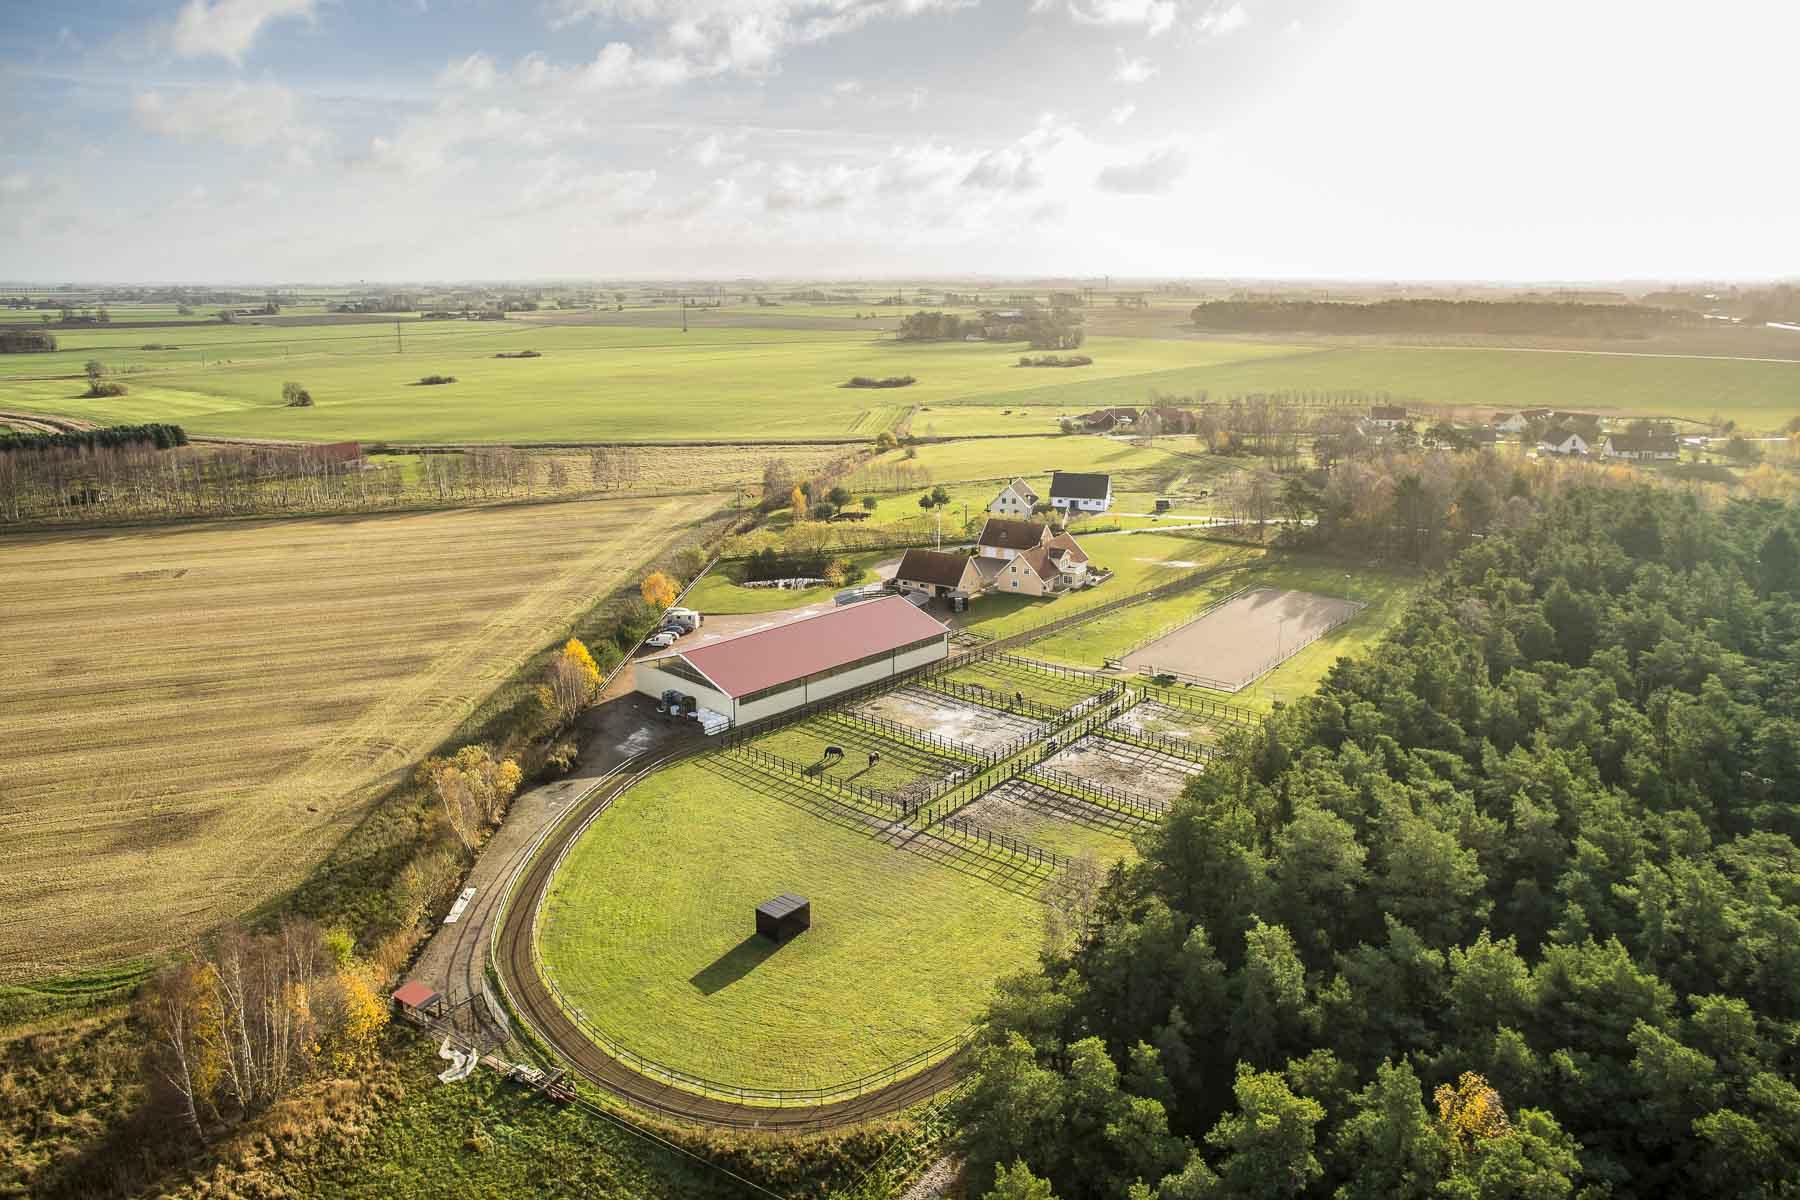 農場/牧場 / プランテーション のために 売買 アット Chevallvägen 1 Other Skane, Skane, 24650 スウェーデン